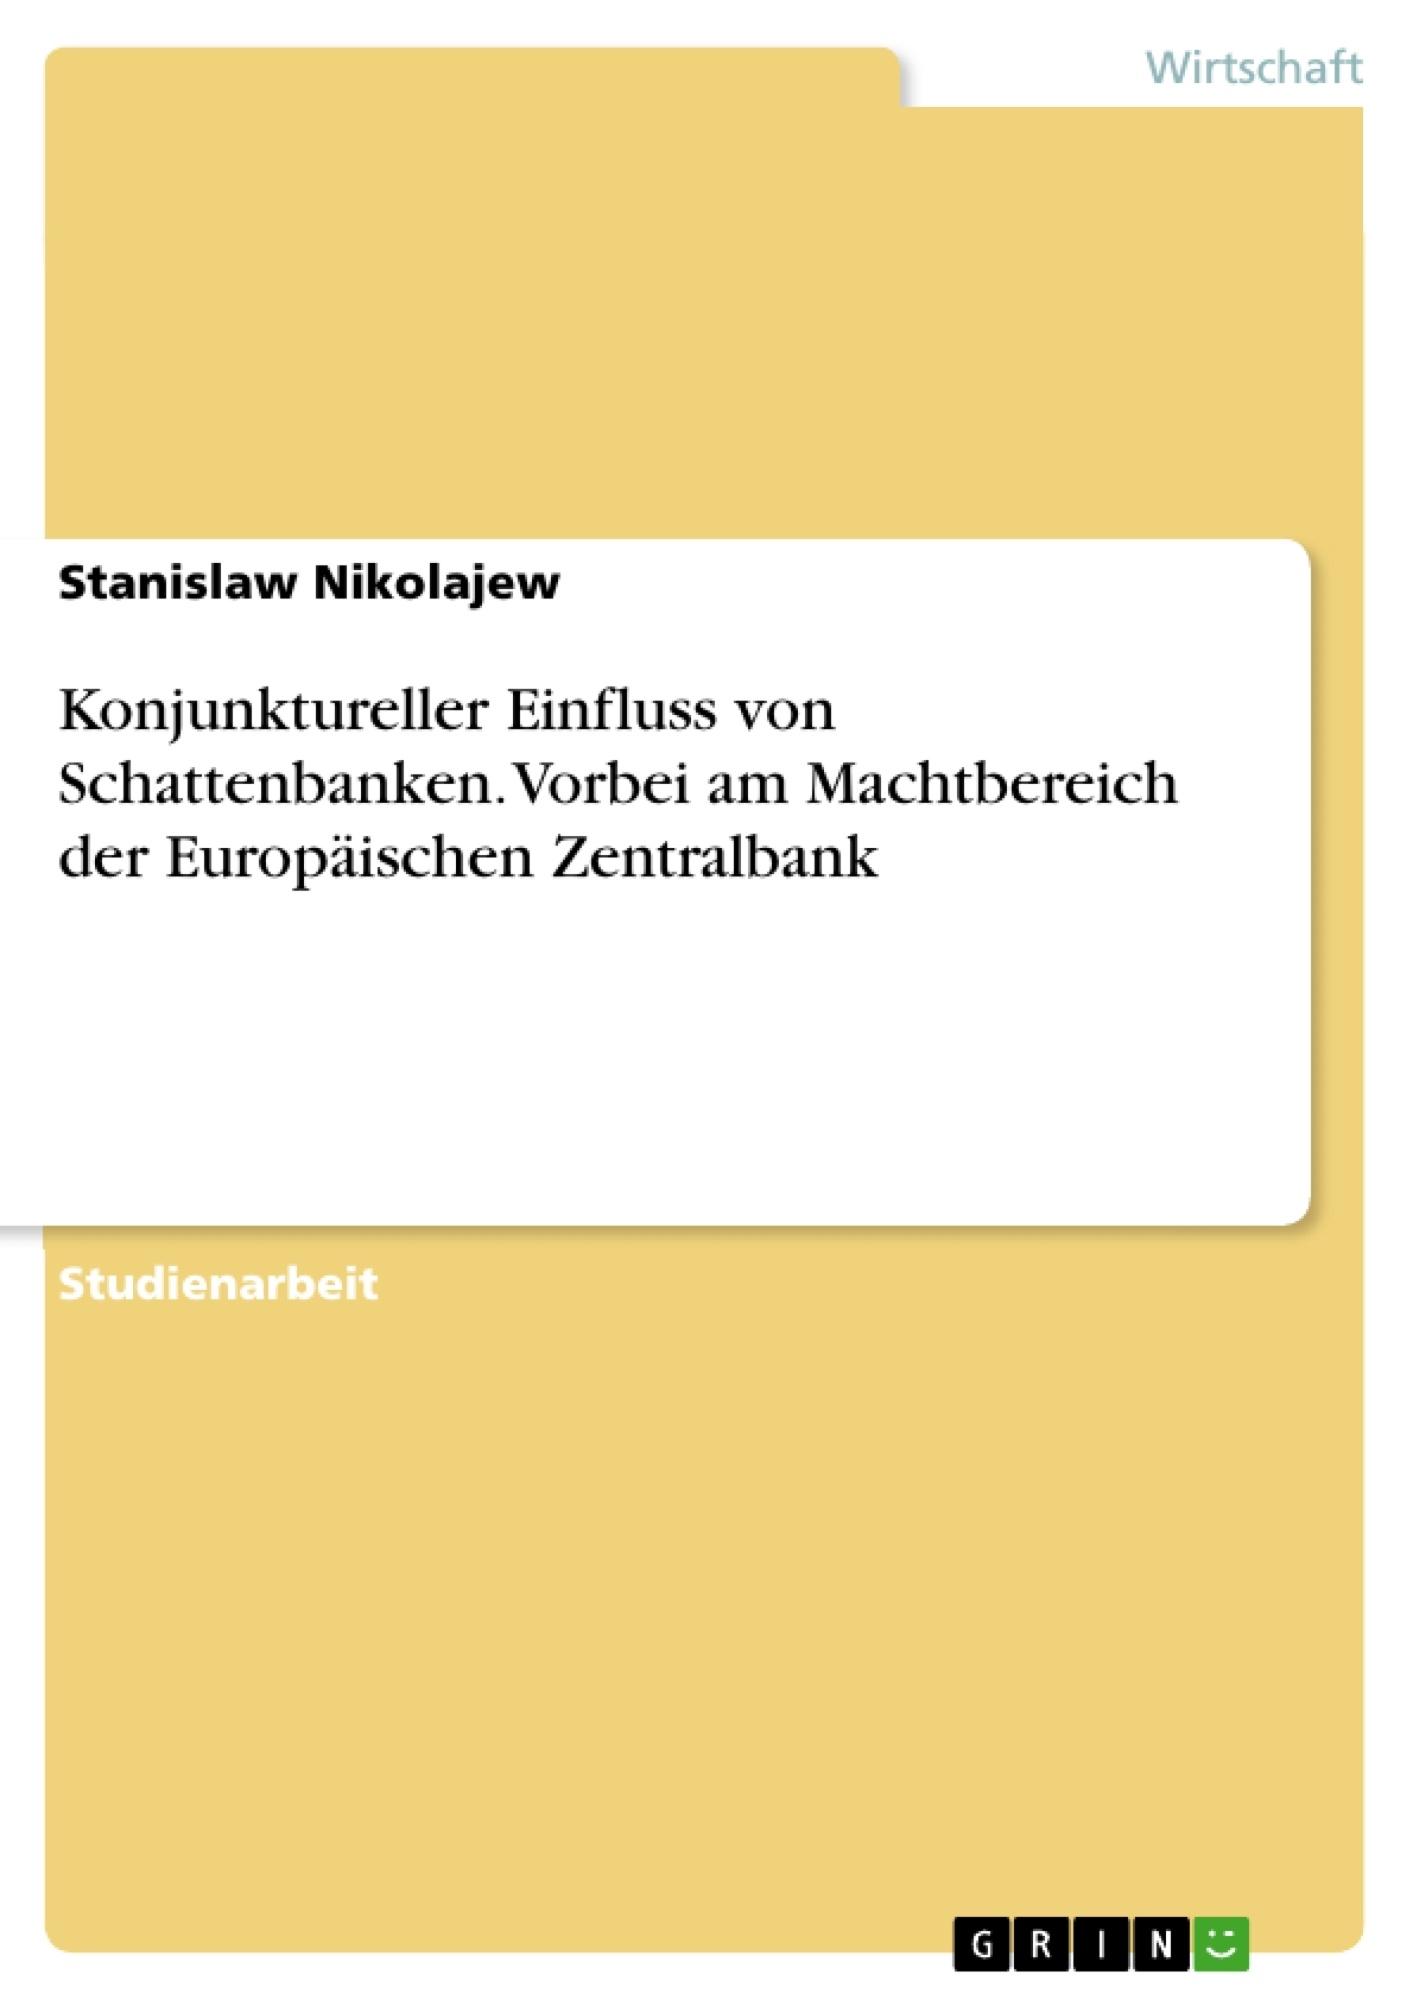 Titel: Konjunktureller Einfluss von Schattenbanken. Vorbei am Machtbereich der Europäischen Zentralbank